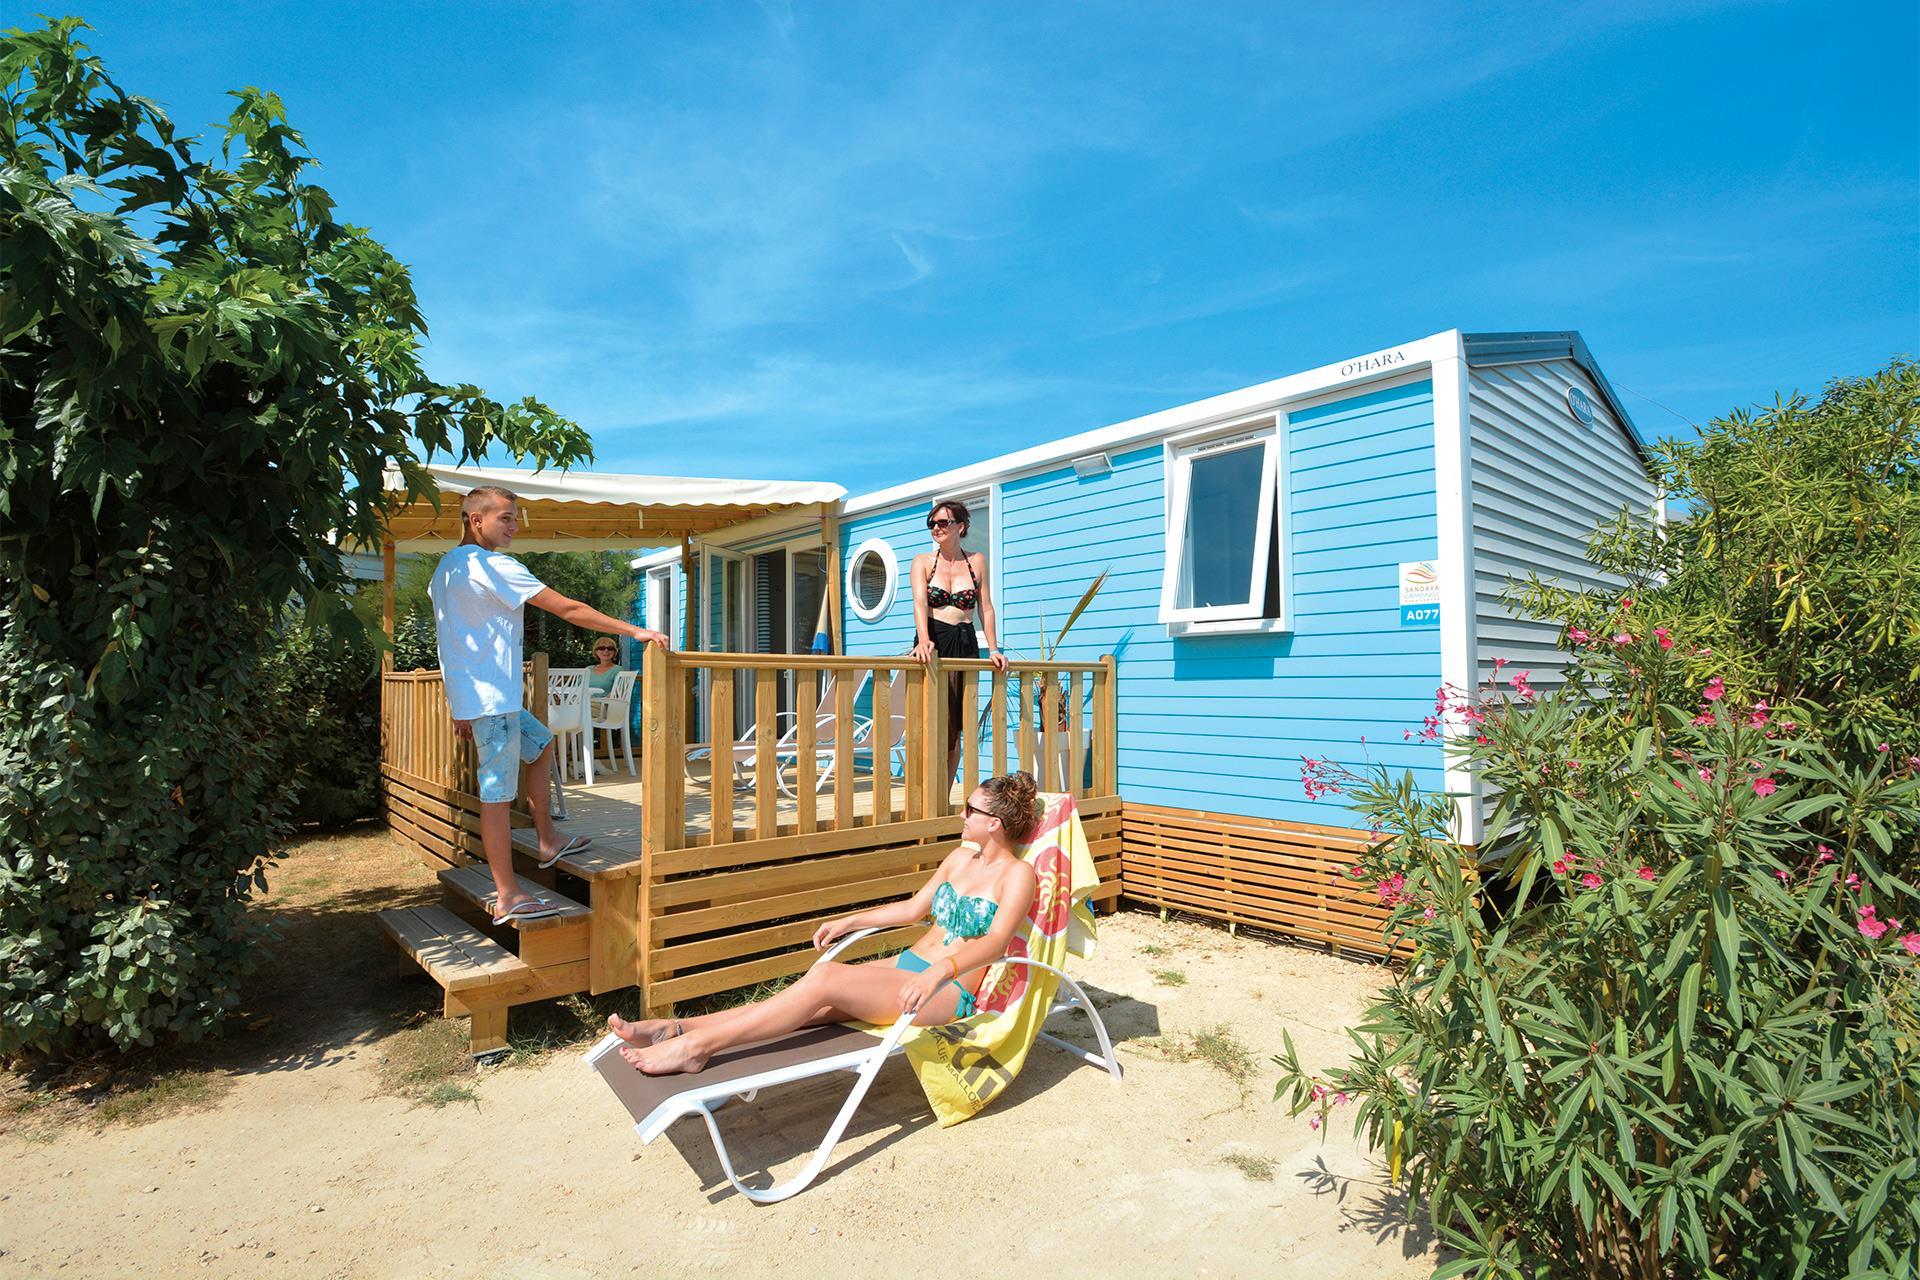 Location - Cottage 3 Chambres - 2 Salles De Bain Climatisé**** - Camping Sandaya Les Tamaris